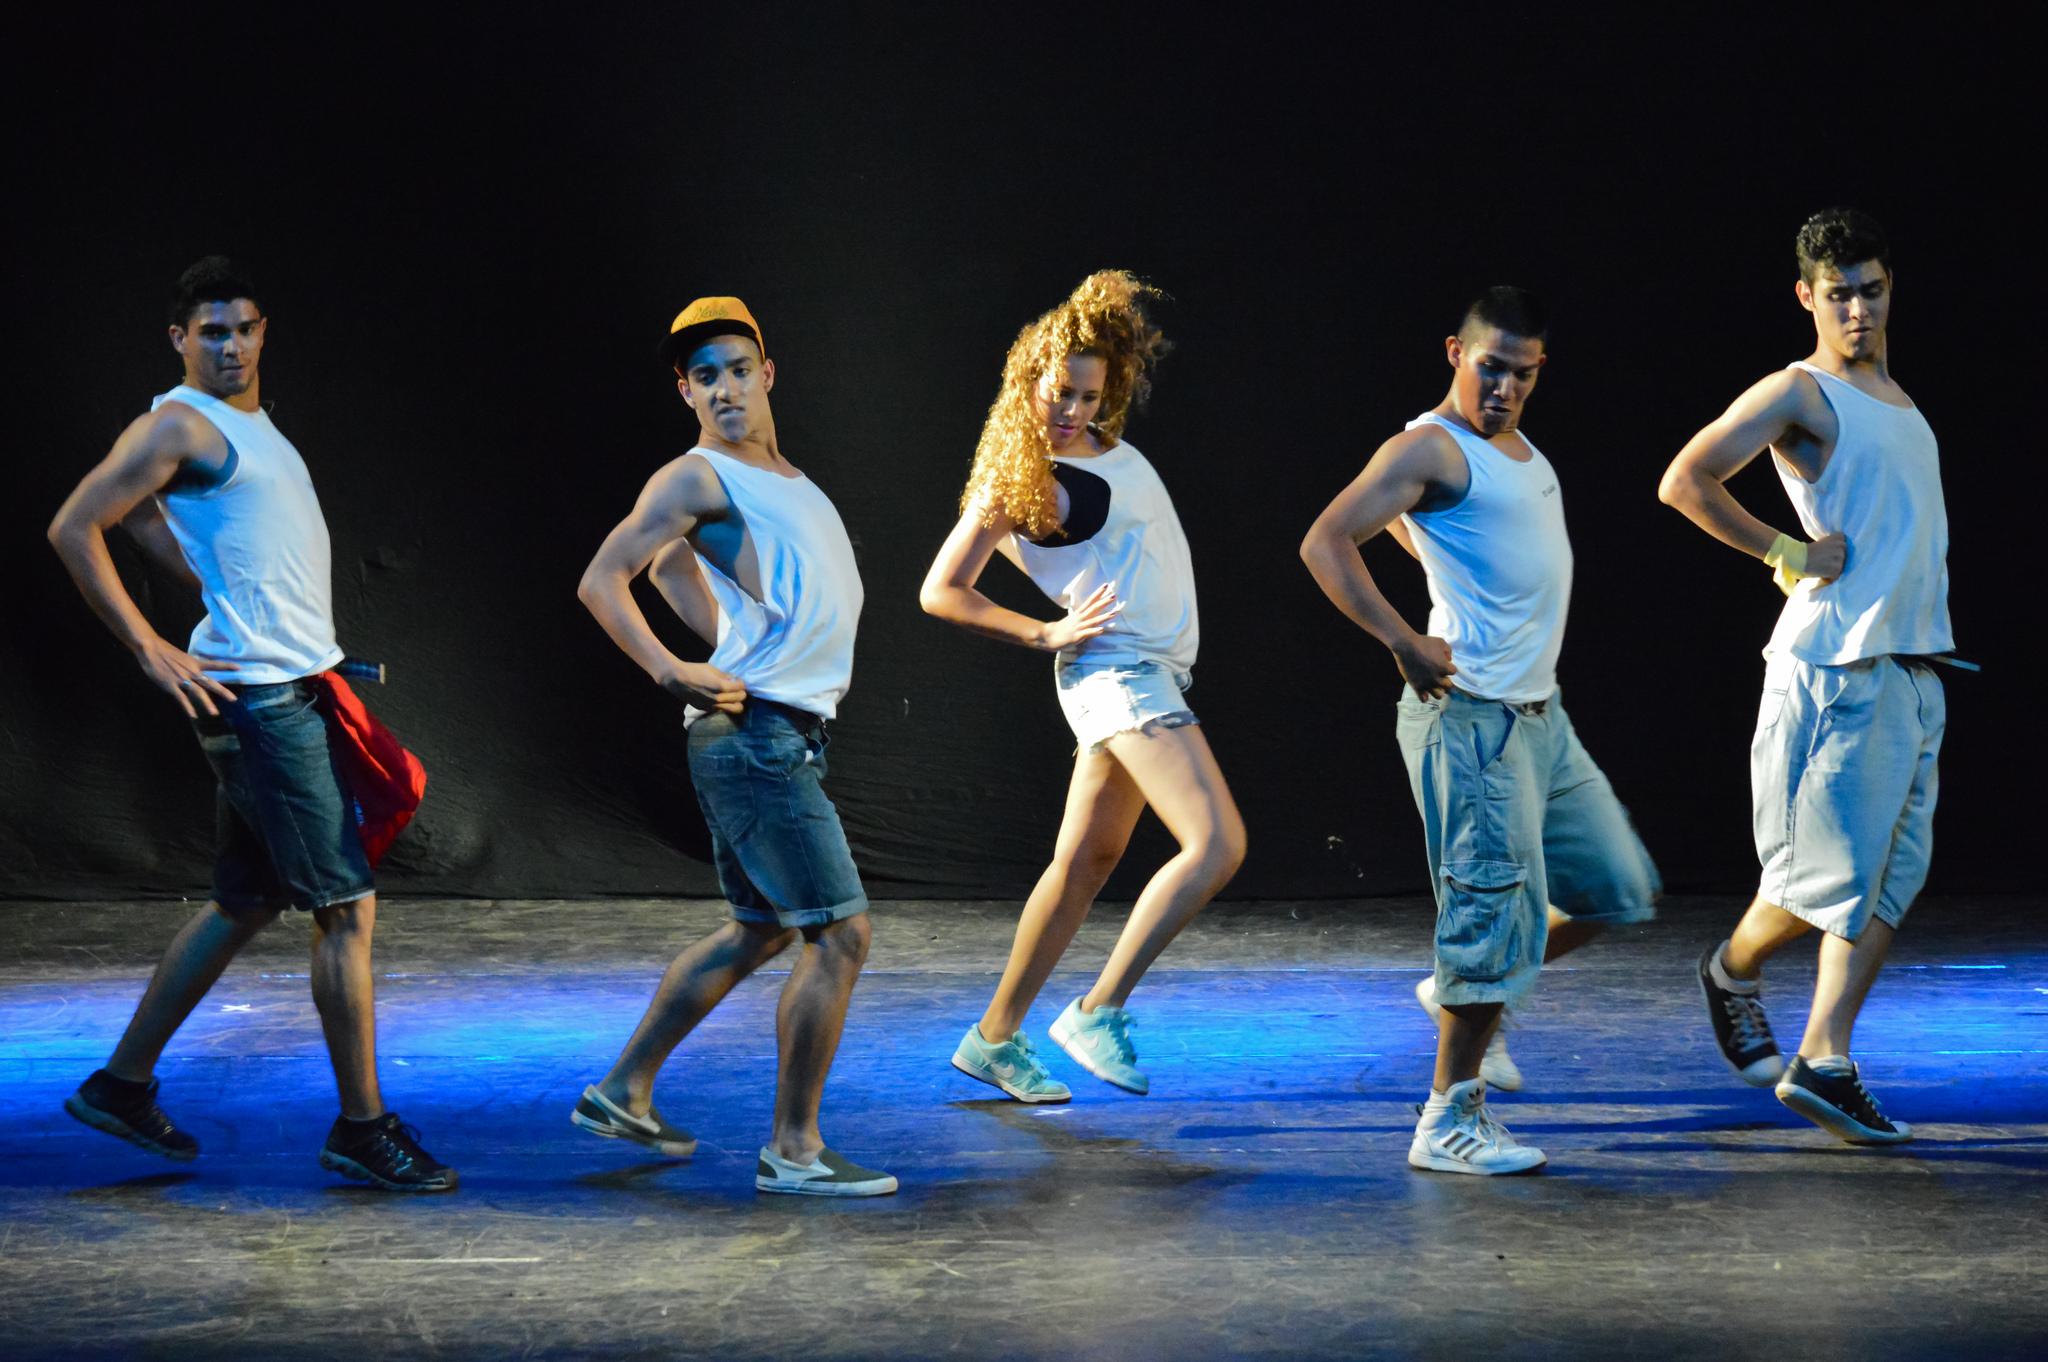 Все виды танцев картинки очень популярны